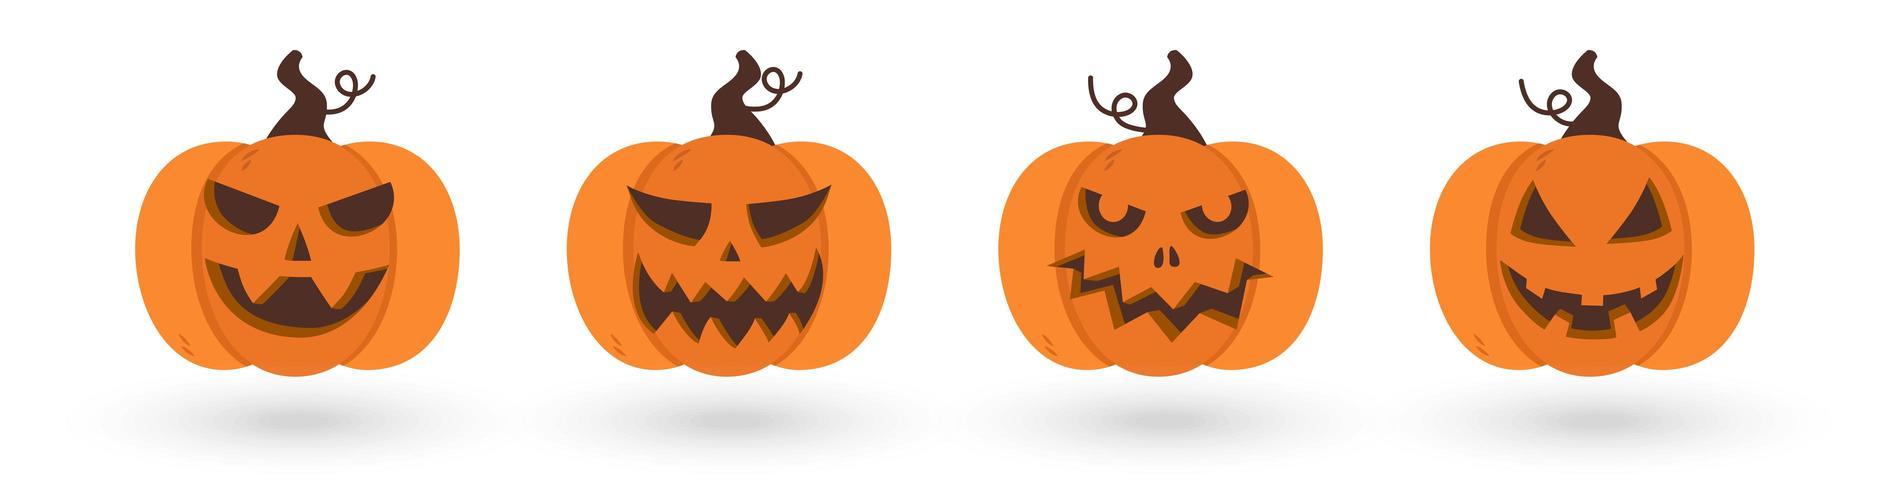 Set di zucche di halloween spaventoso e divertente vettore